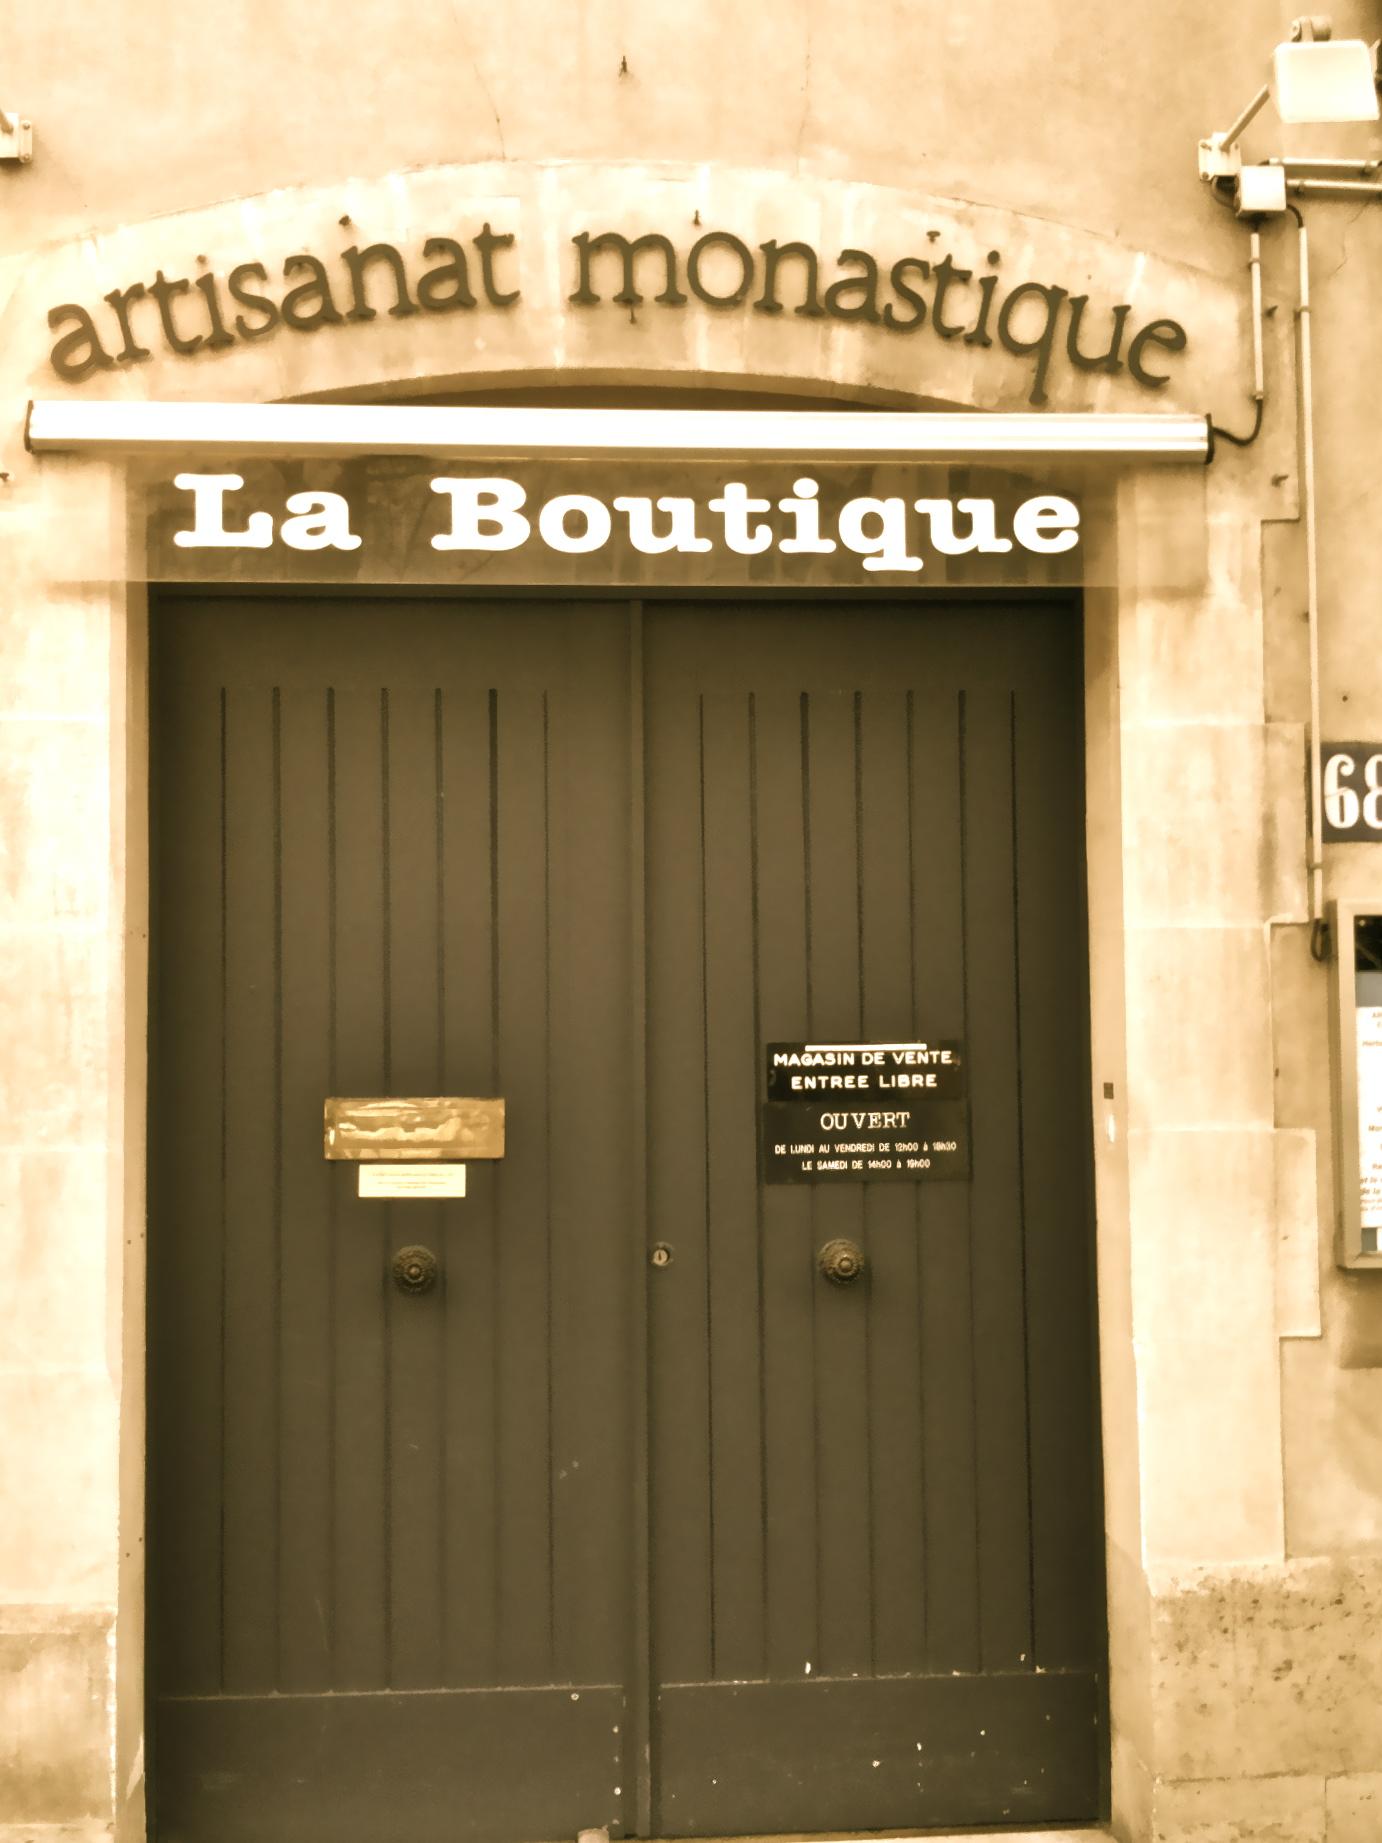 L'artisanat Monastique – Anon's Paris